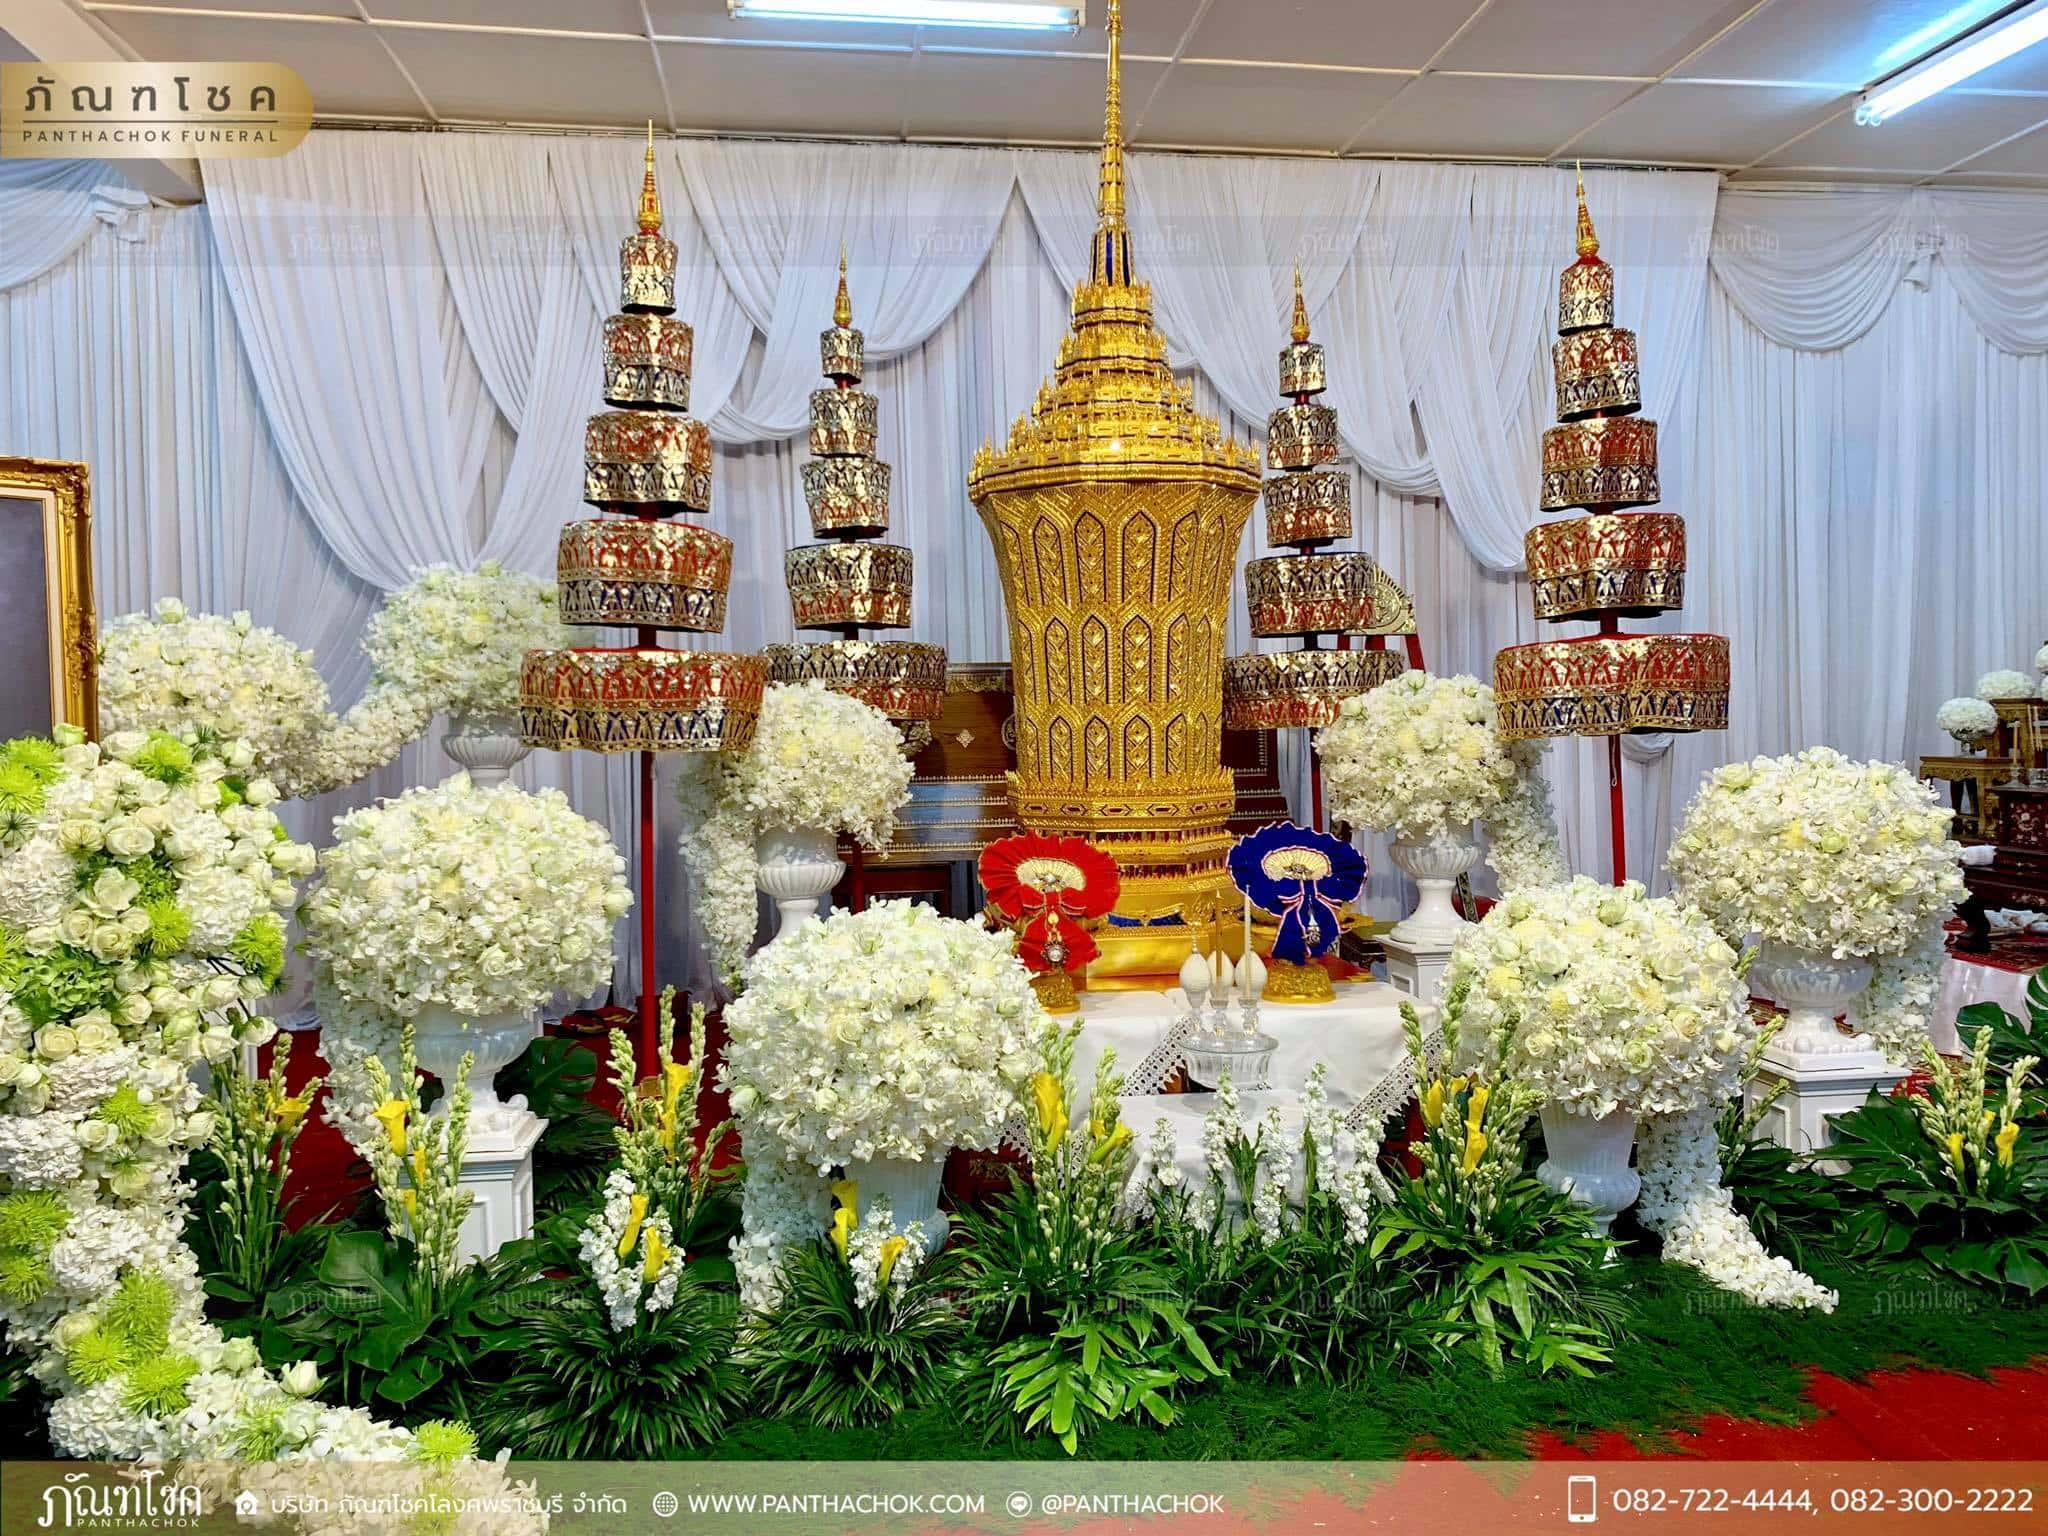 ดอกไม้ประดับหน้าโกศ อดีตผู้ว่าราชการจังหวัดราชบุรี 13